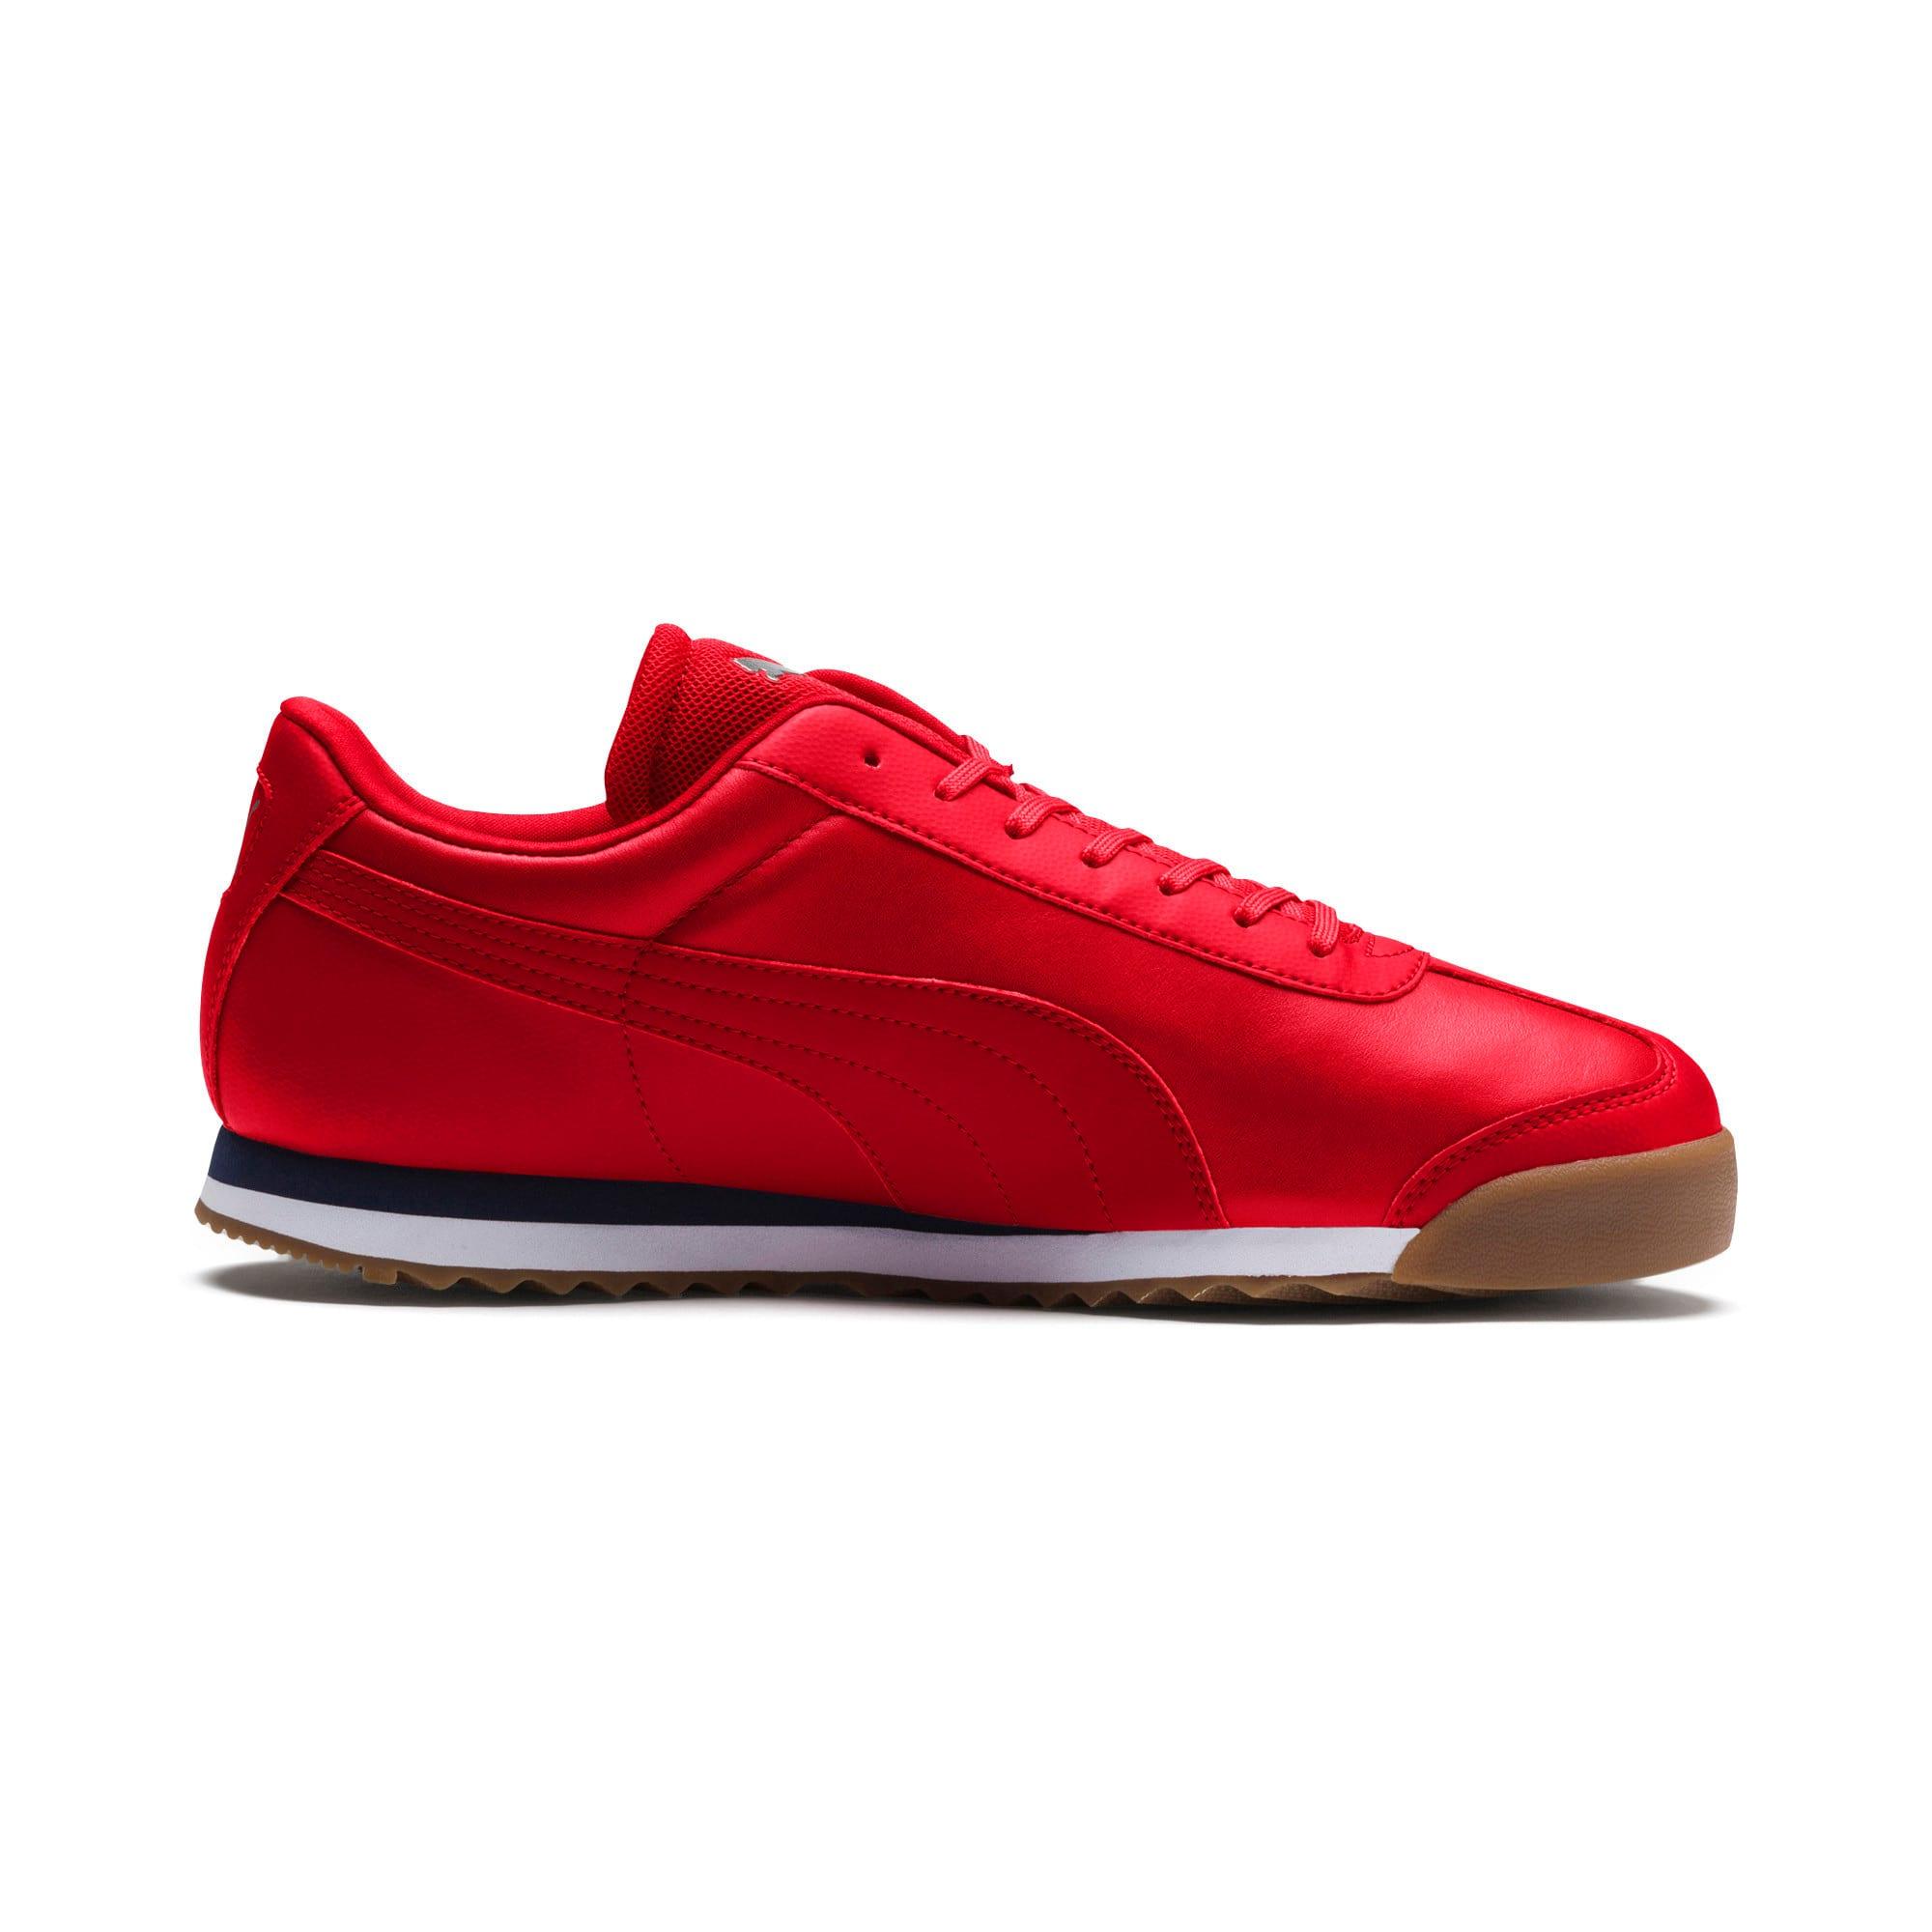 Thumbnail 5 of Scuderia Ferrari Roma Men's Sneakers, Rosso Corsa-Rosso Corsa, medium